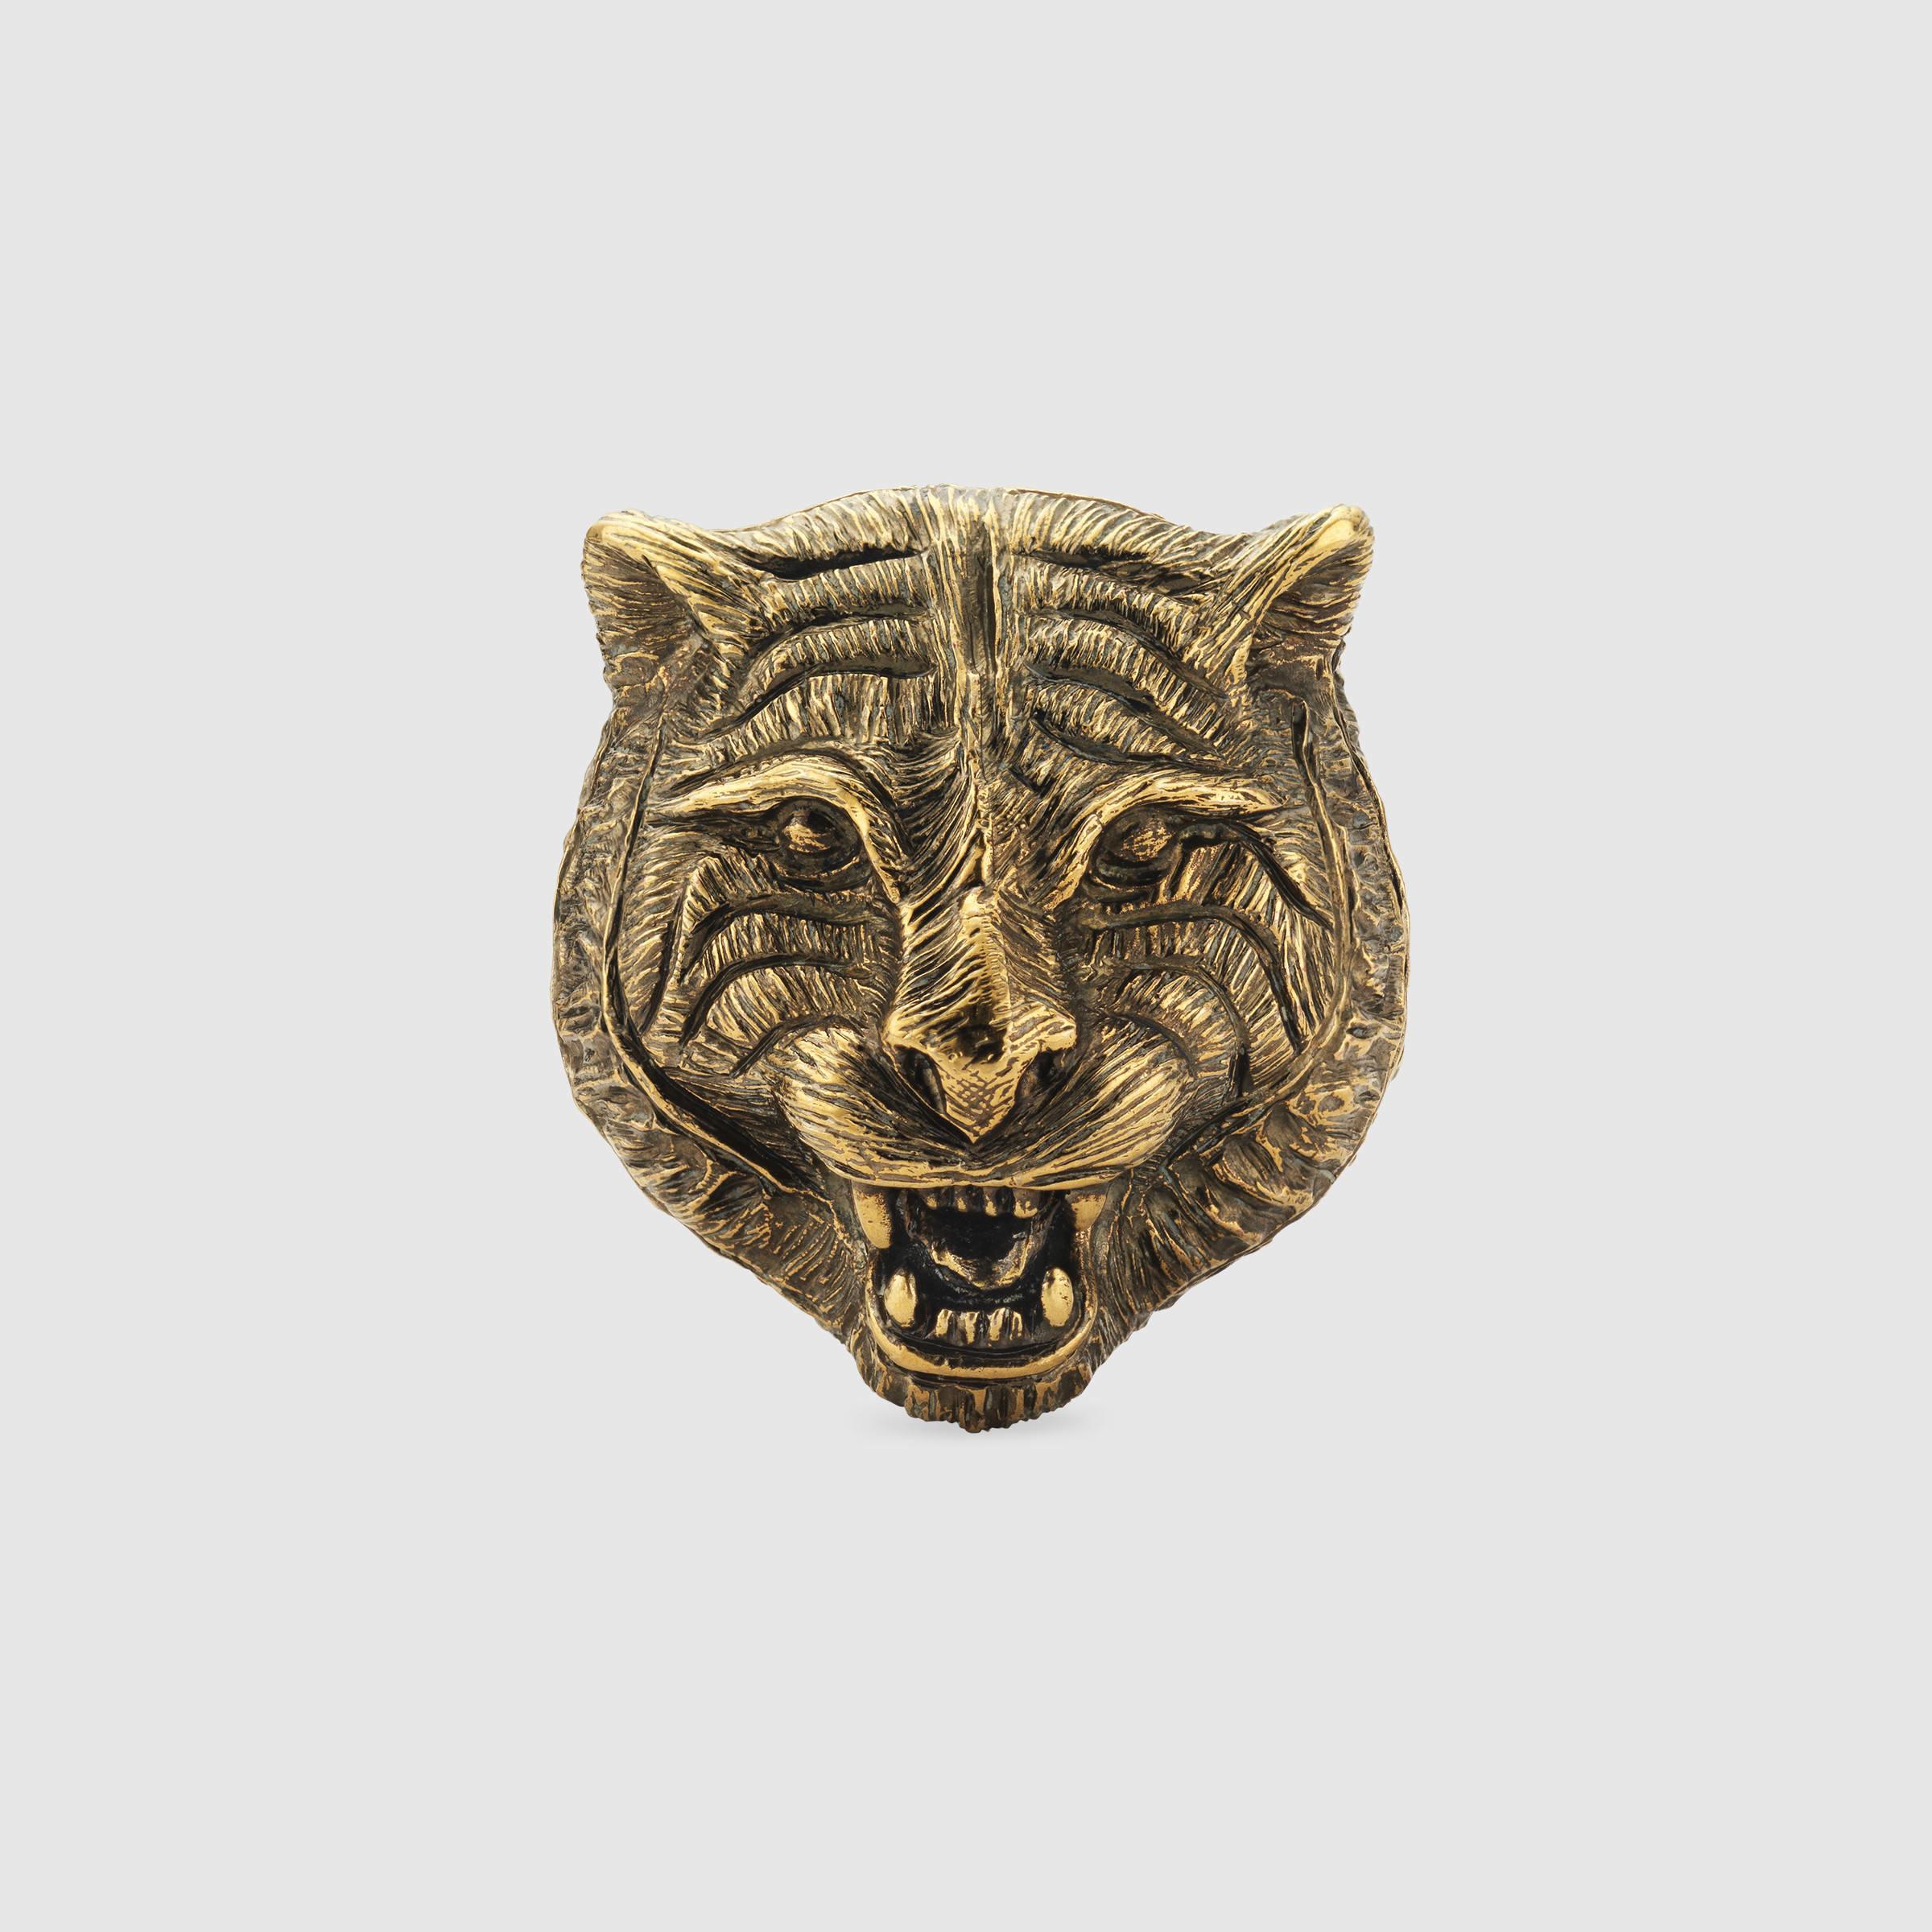 7a1883ab4b8cdf Lyst - Gucci Feline Head Ring In Metal in Metallic for Men